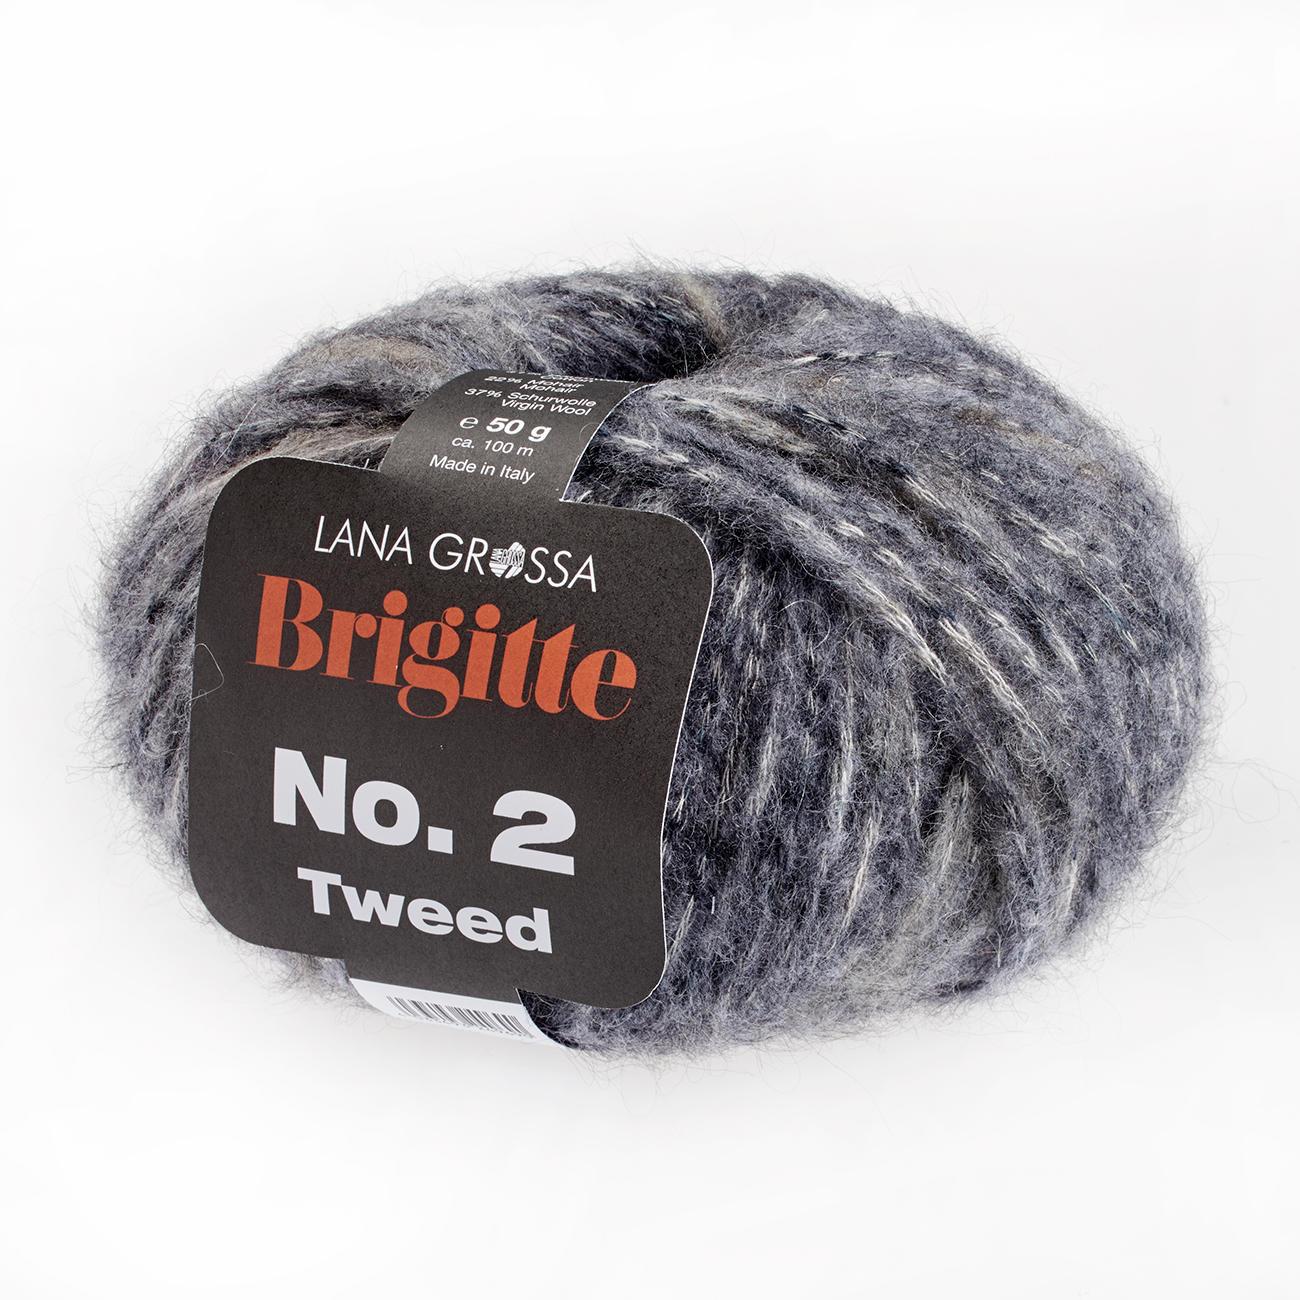 2 Tweed Lana Grossa Brigitte No Fb Wolle Kreativ 105 marine//violett 50 g